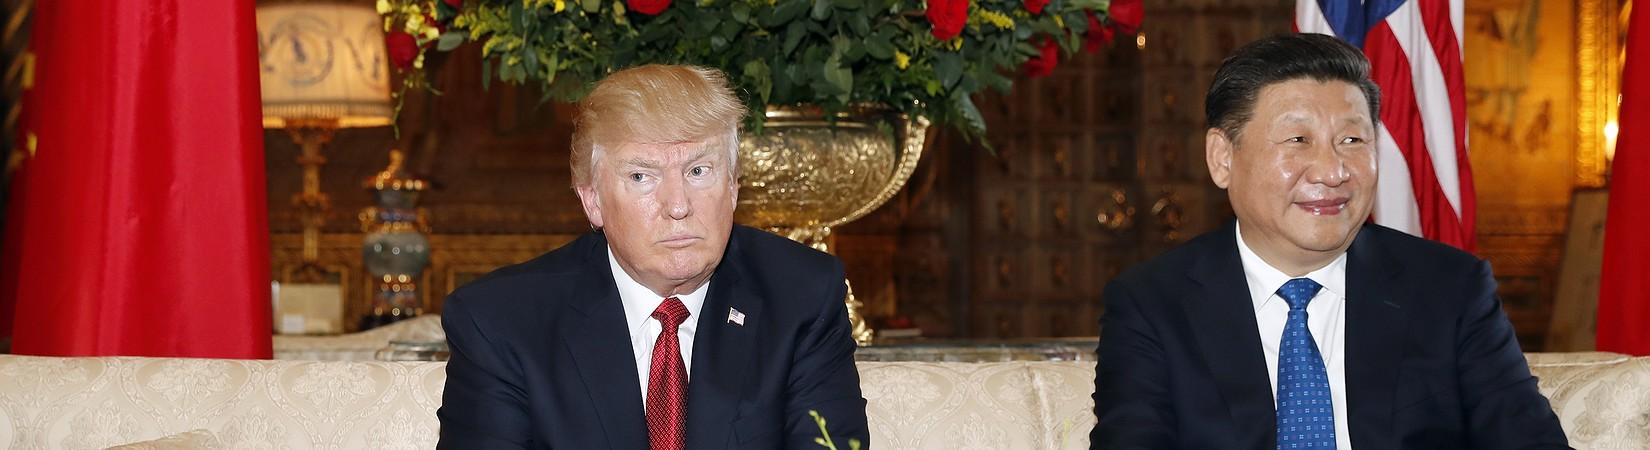 Мир закончился, не успев начаться: США и Китай снова в ссоре